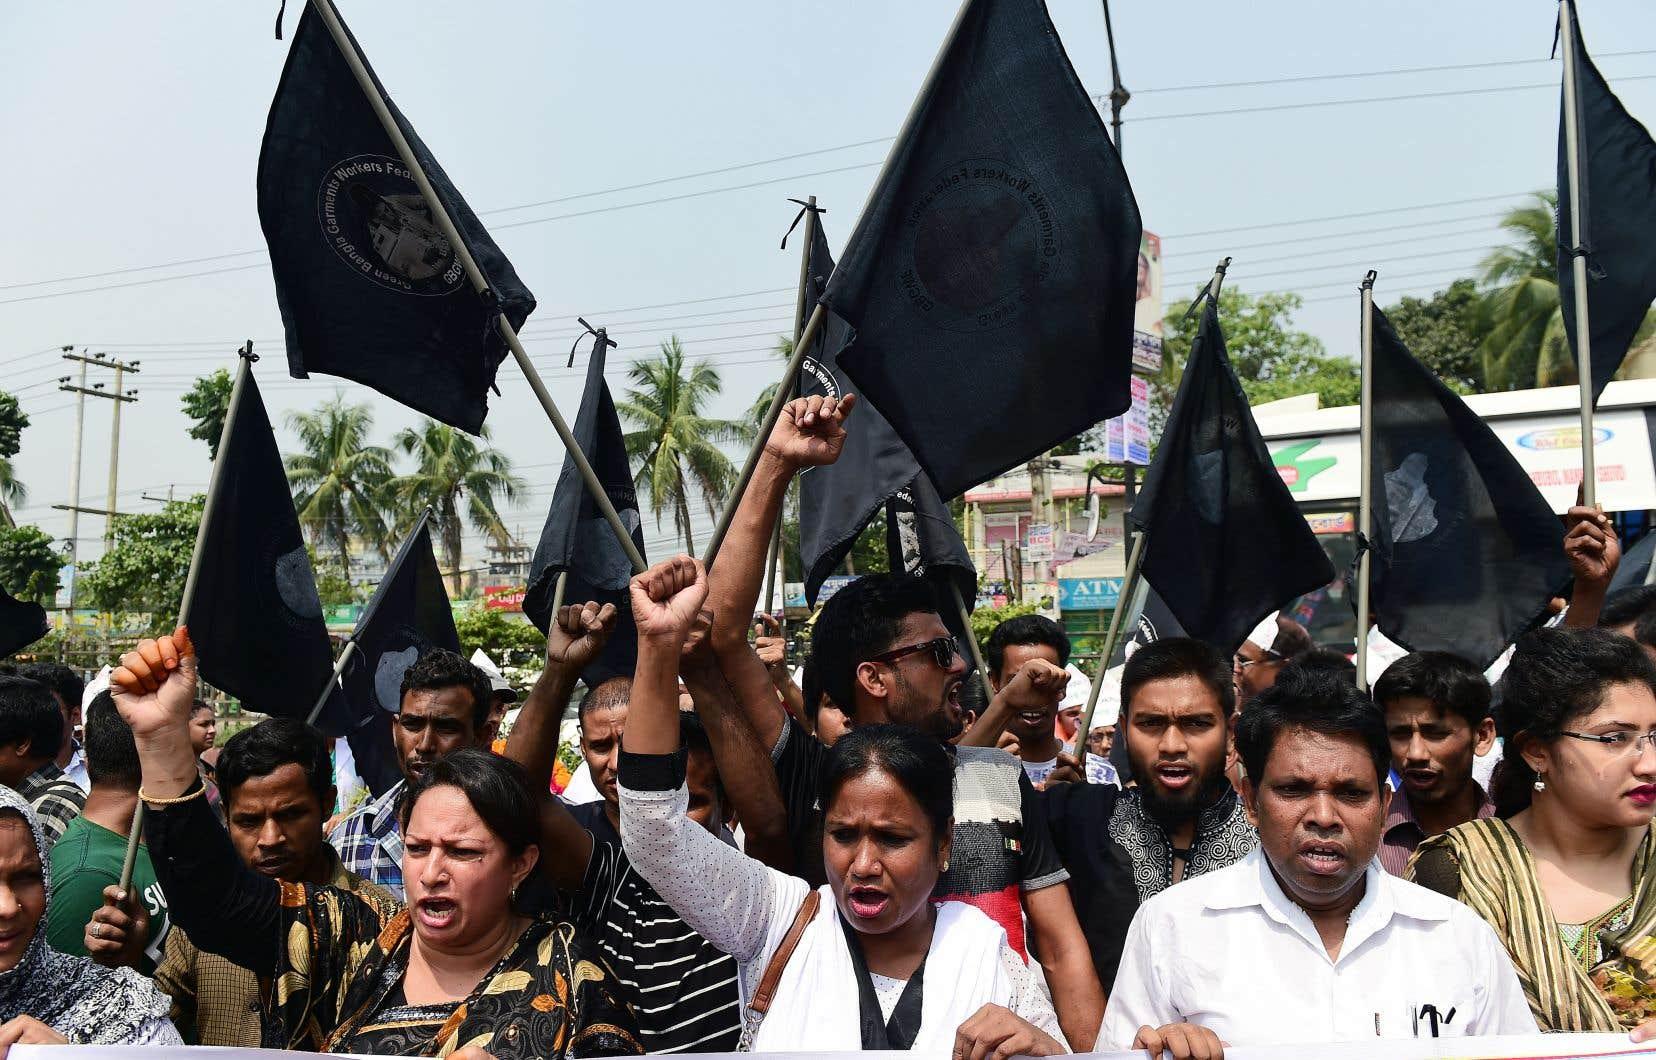 Des manifestants pour les droits des travailleurs et pour des peines pour les responsables ont défilé dans le quartier où se tenait autrefois l'immeuble.